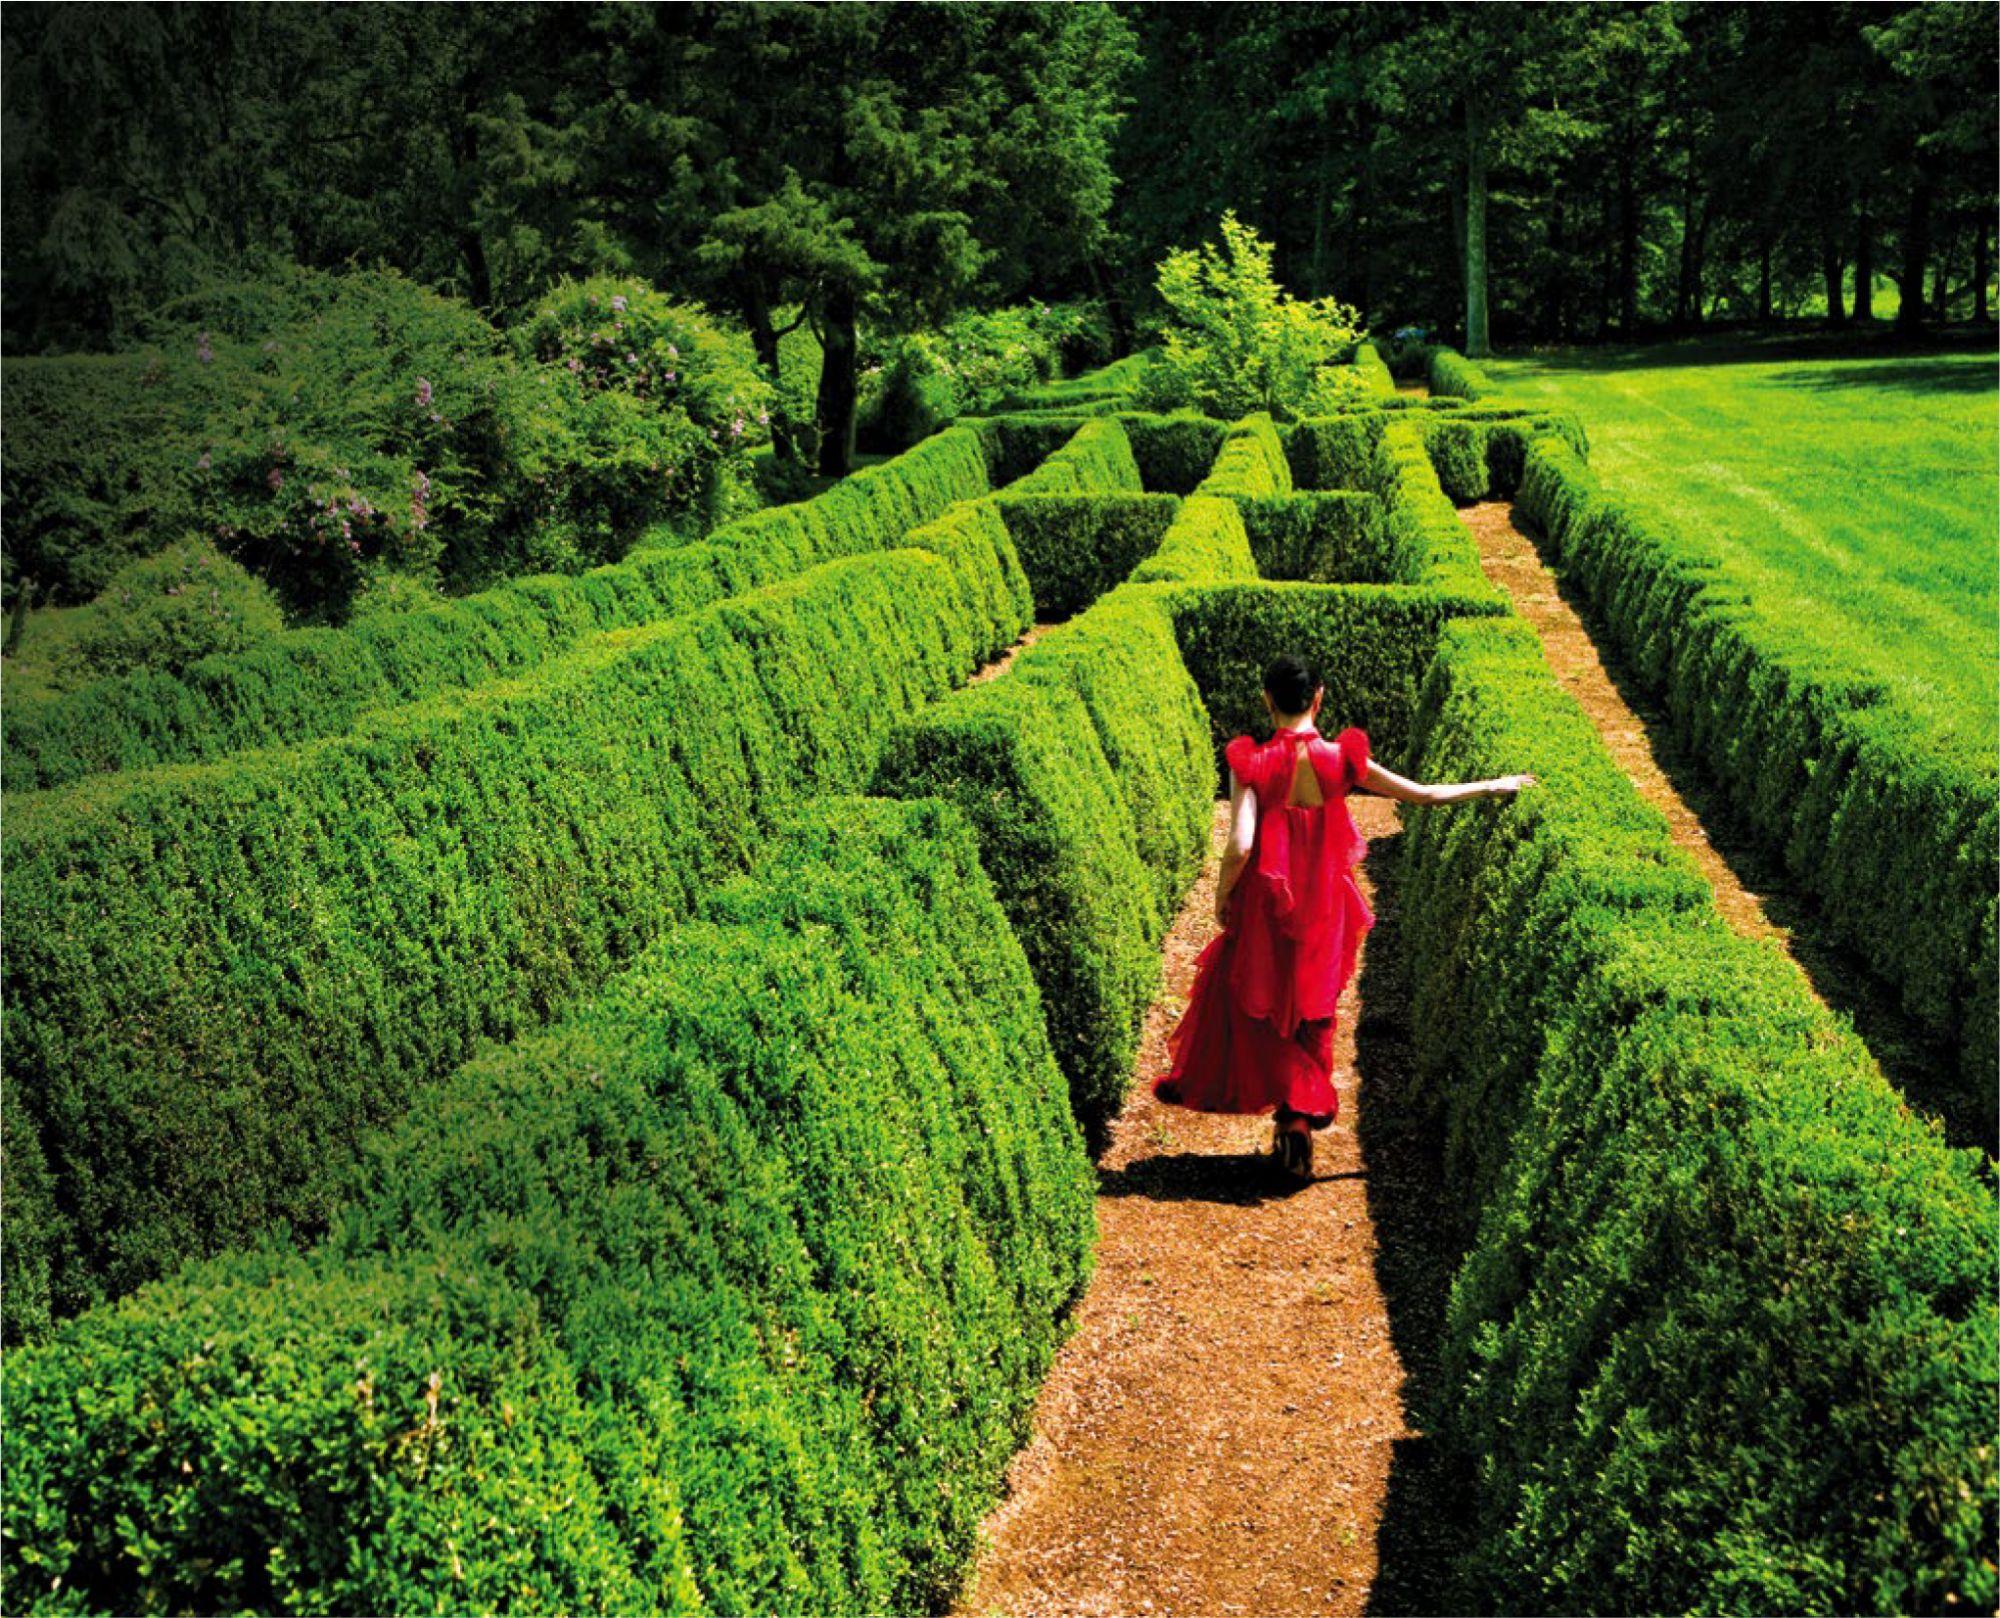 Lily O'Boyle's Gardens Is A Plantito And Plantita's Dreamland